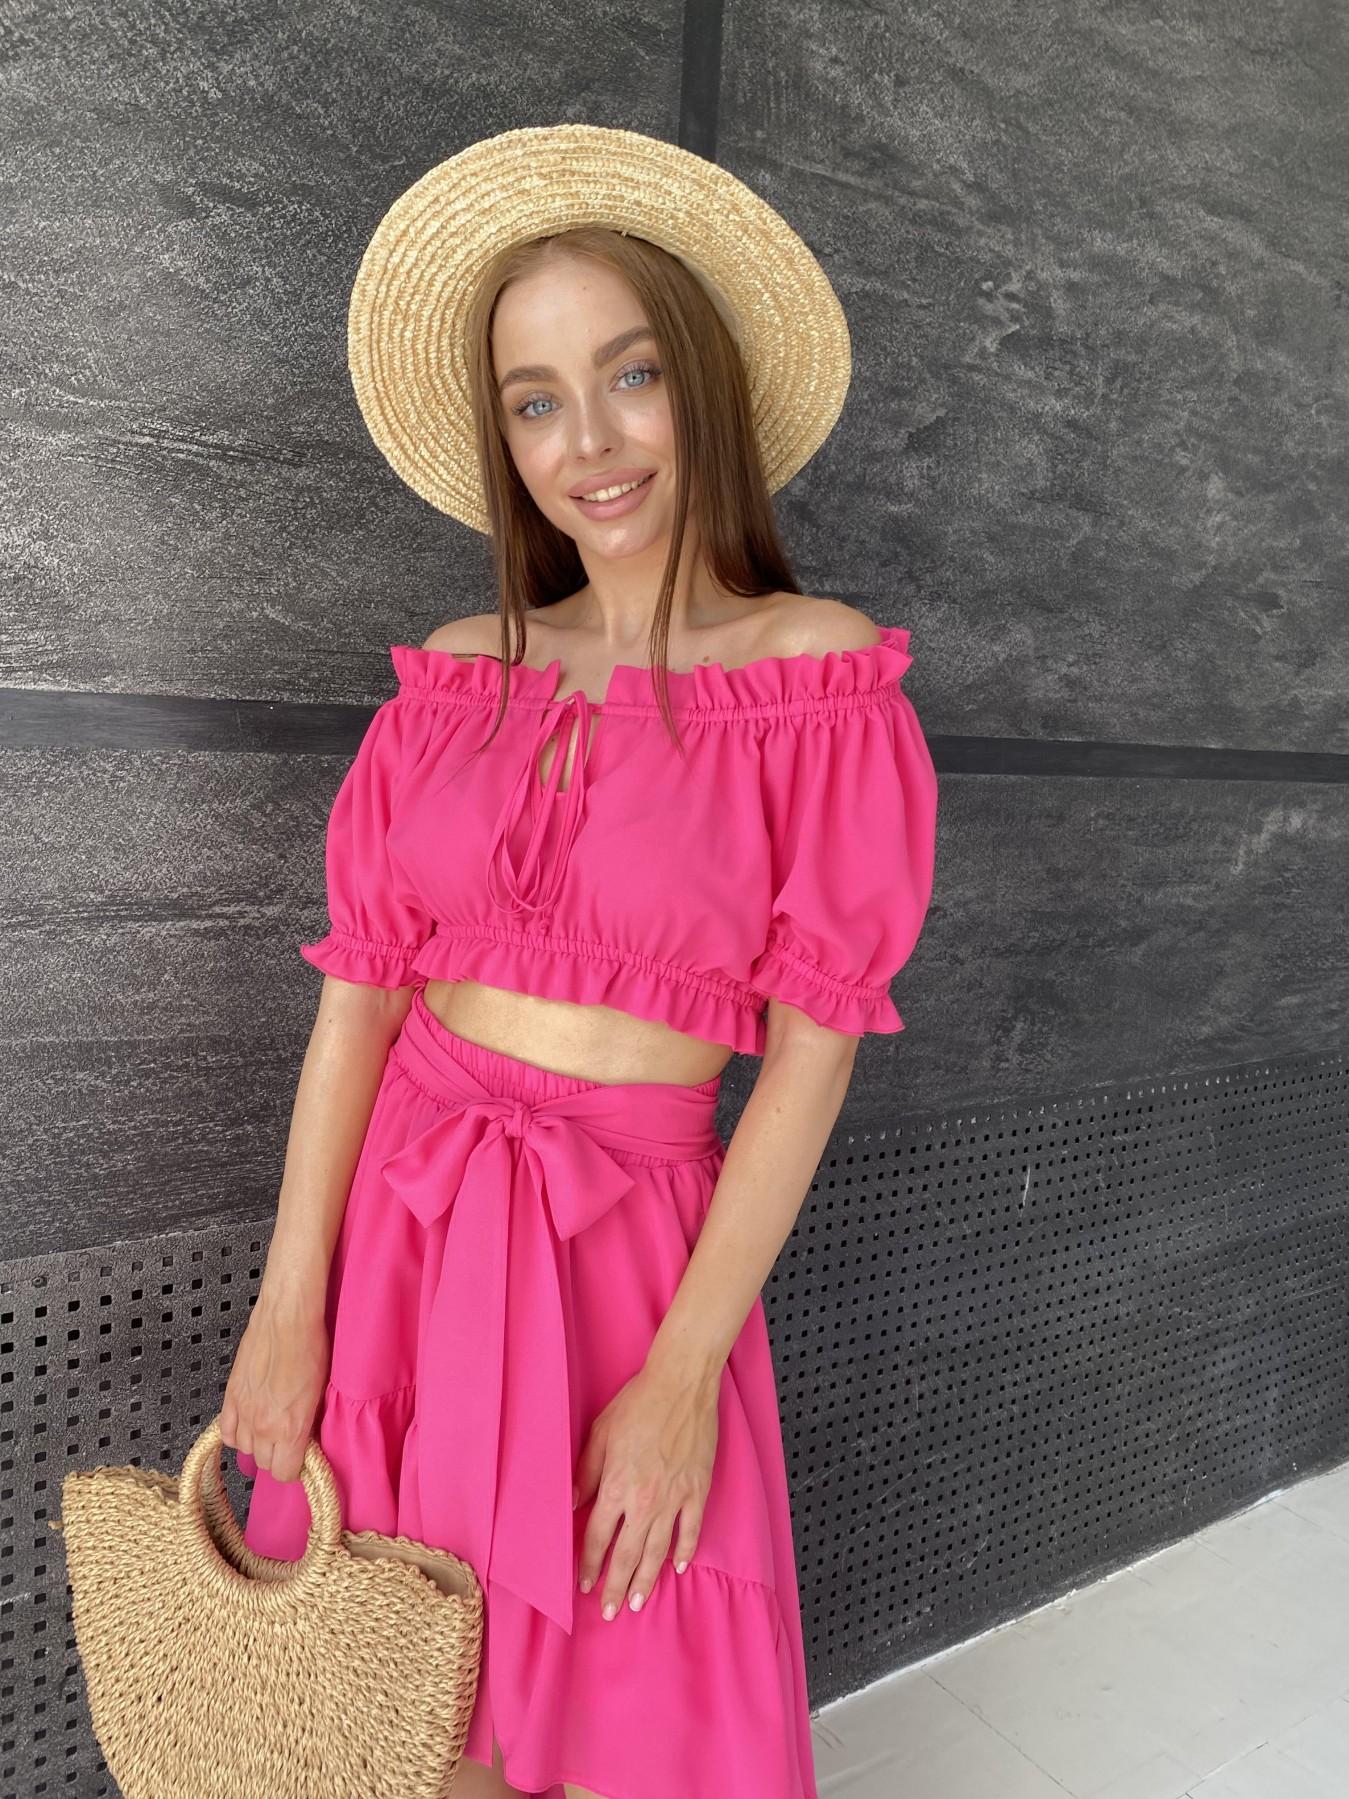 Лаундж костюм из креп креш шифона 11565 АРТ. 48236 Цвет: Малиновый - фото 4, интернет магазин tm-modus.ru